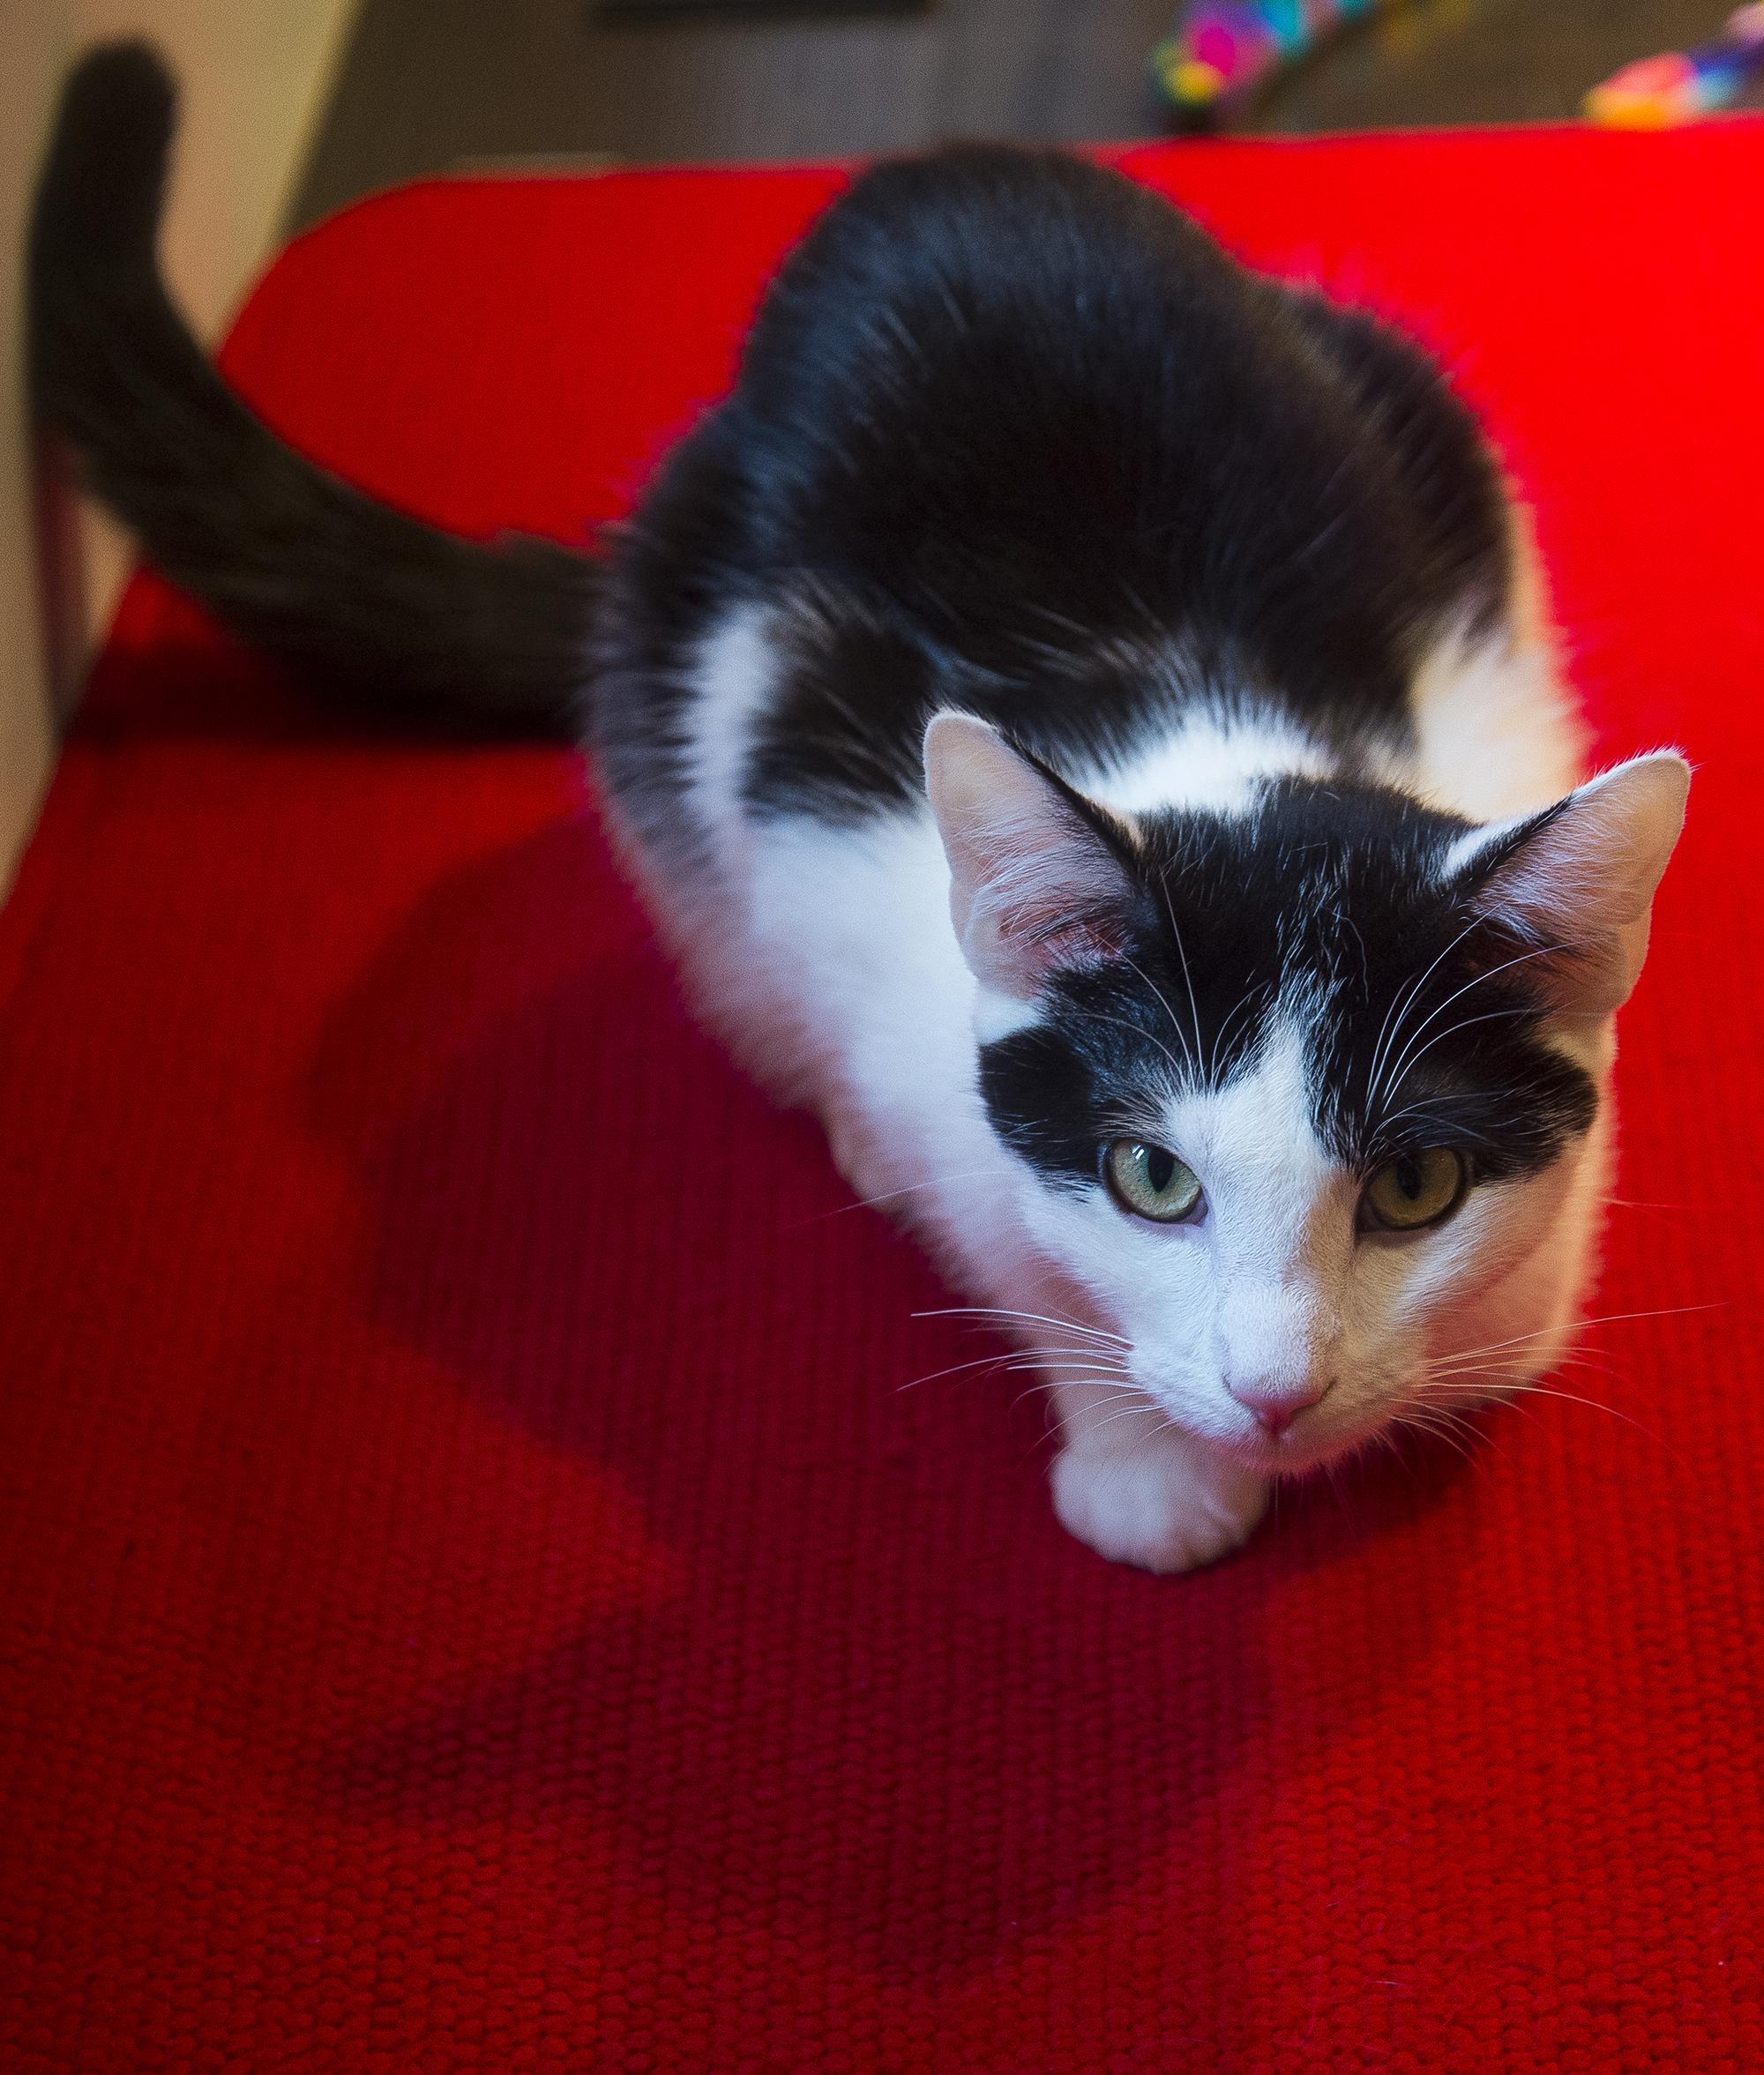 Konekohypercat.jpg